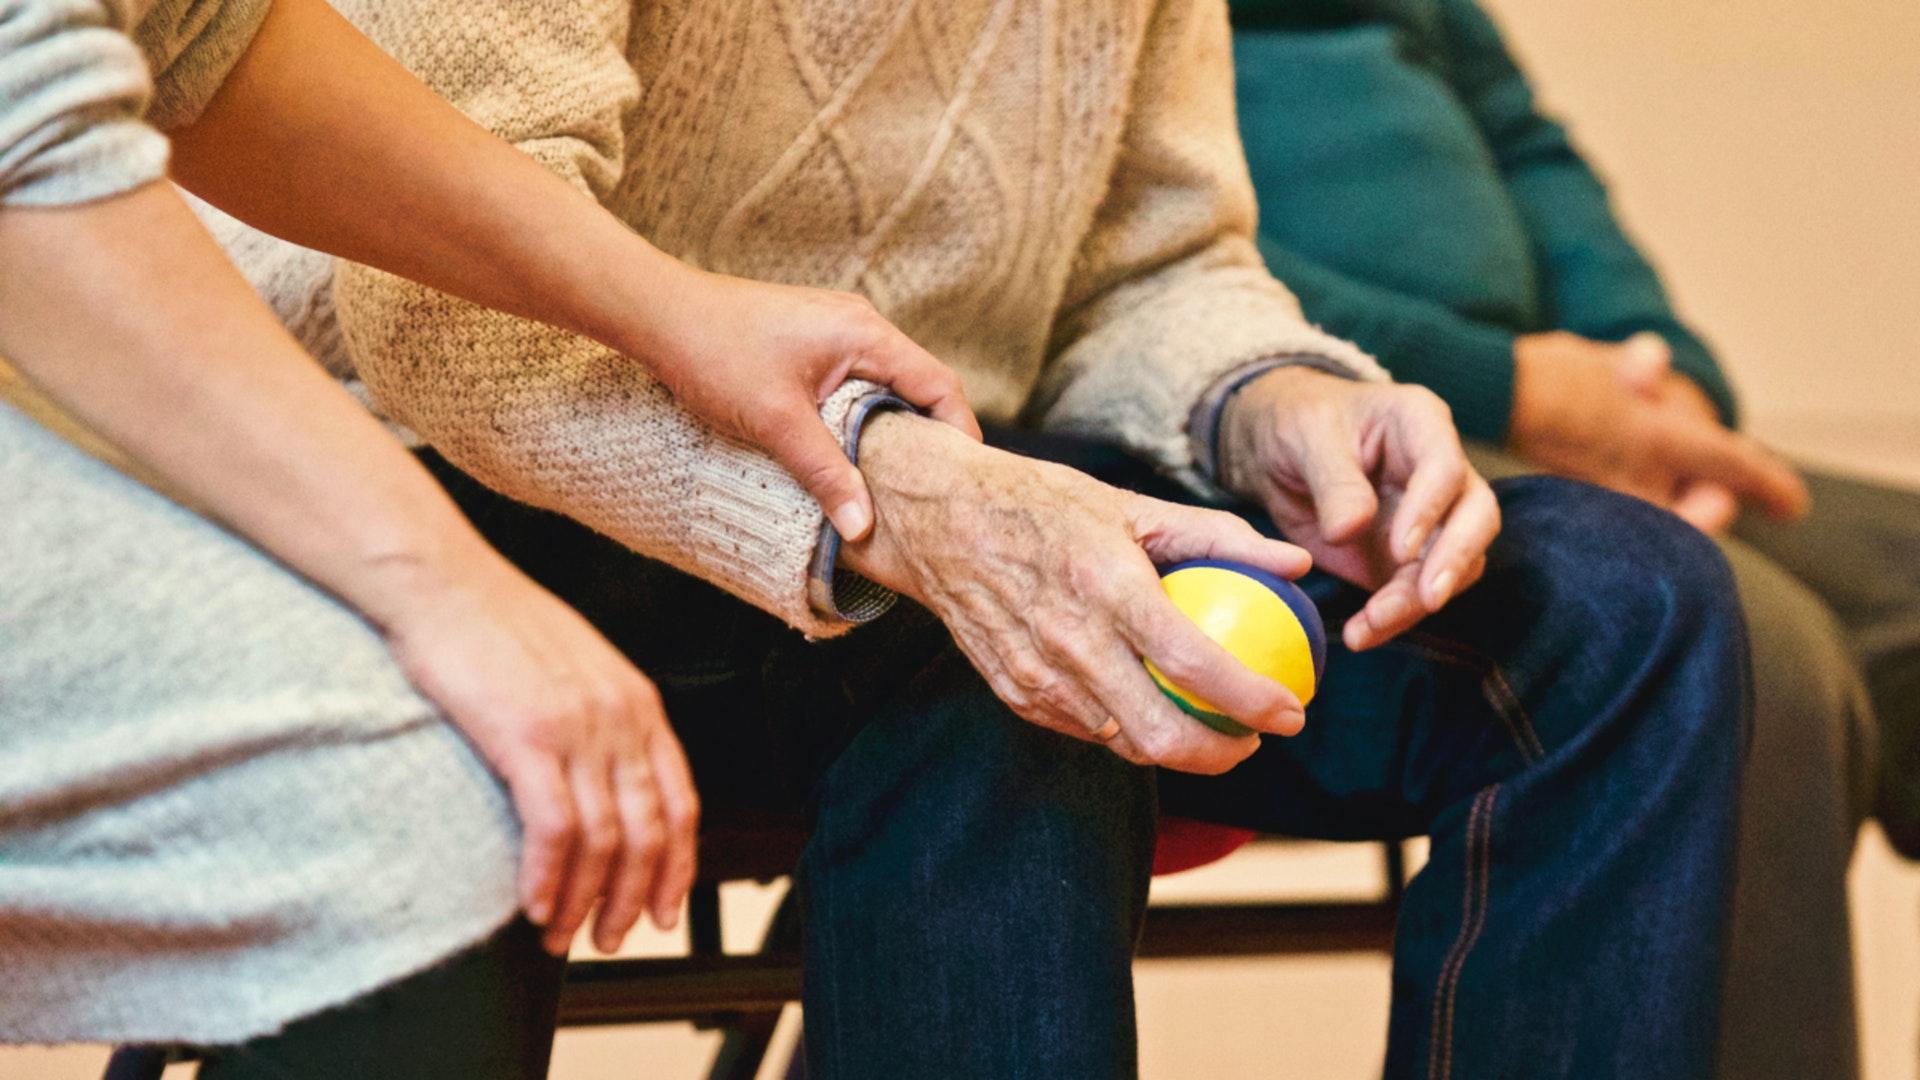 Ключевые умственные способности у человека с возрастом могут улучшаться